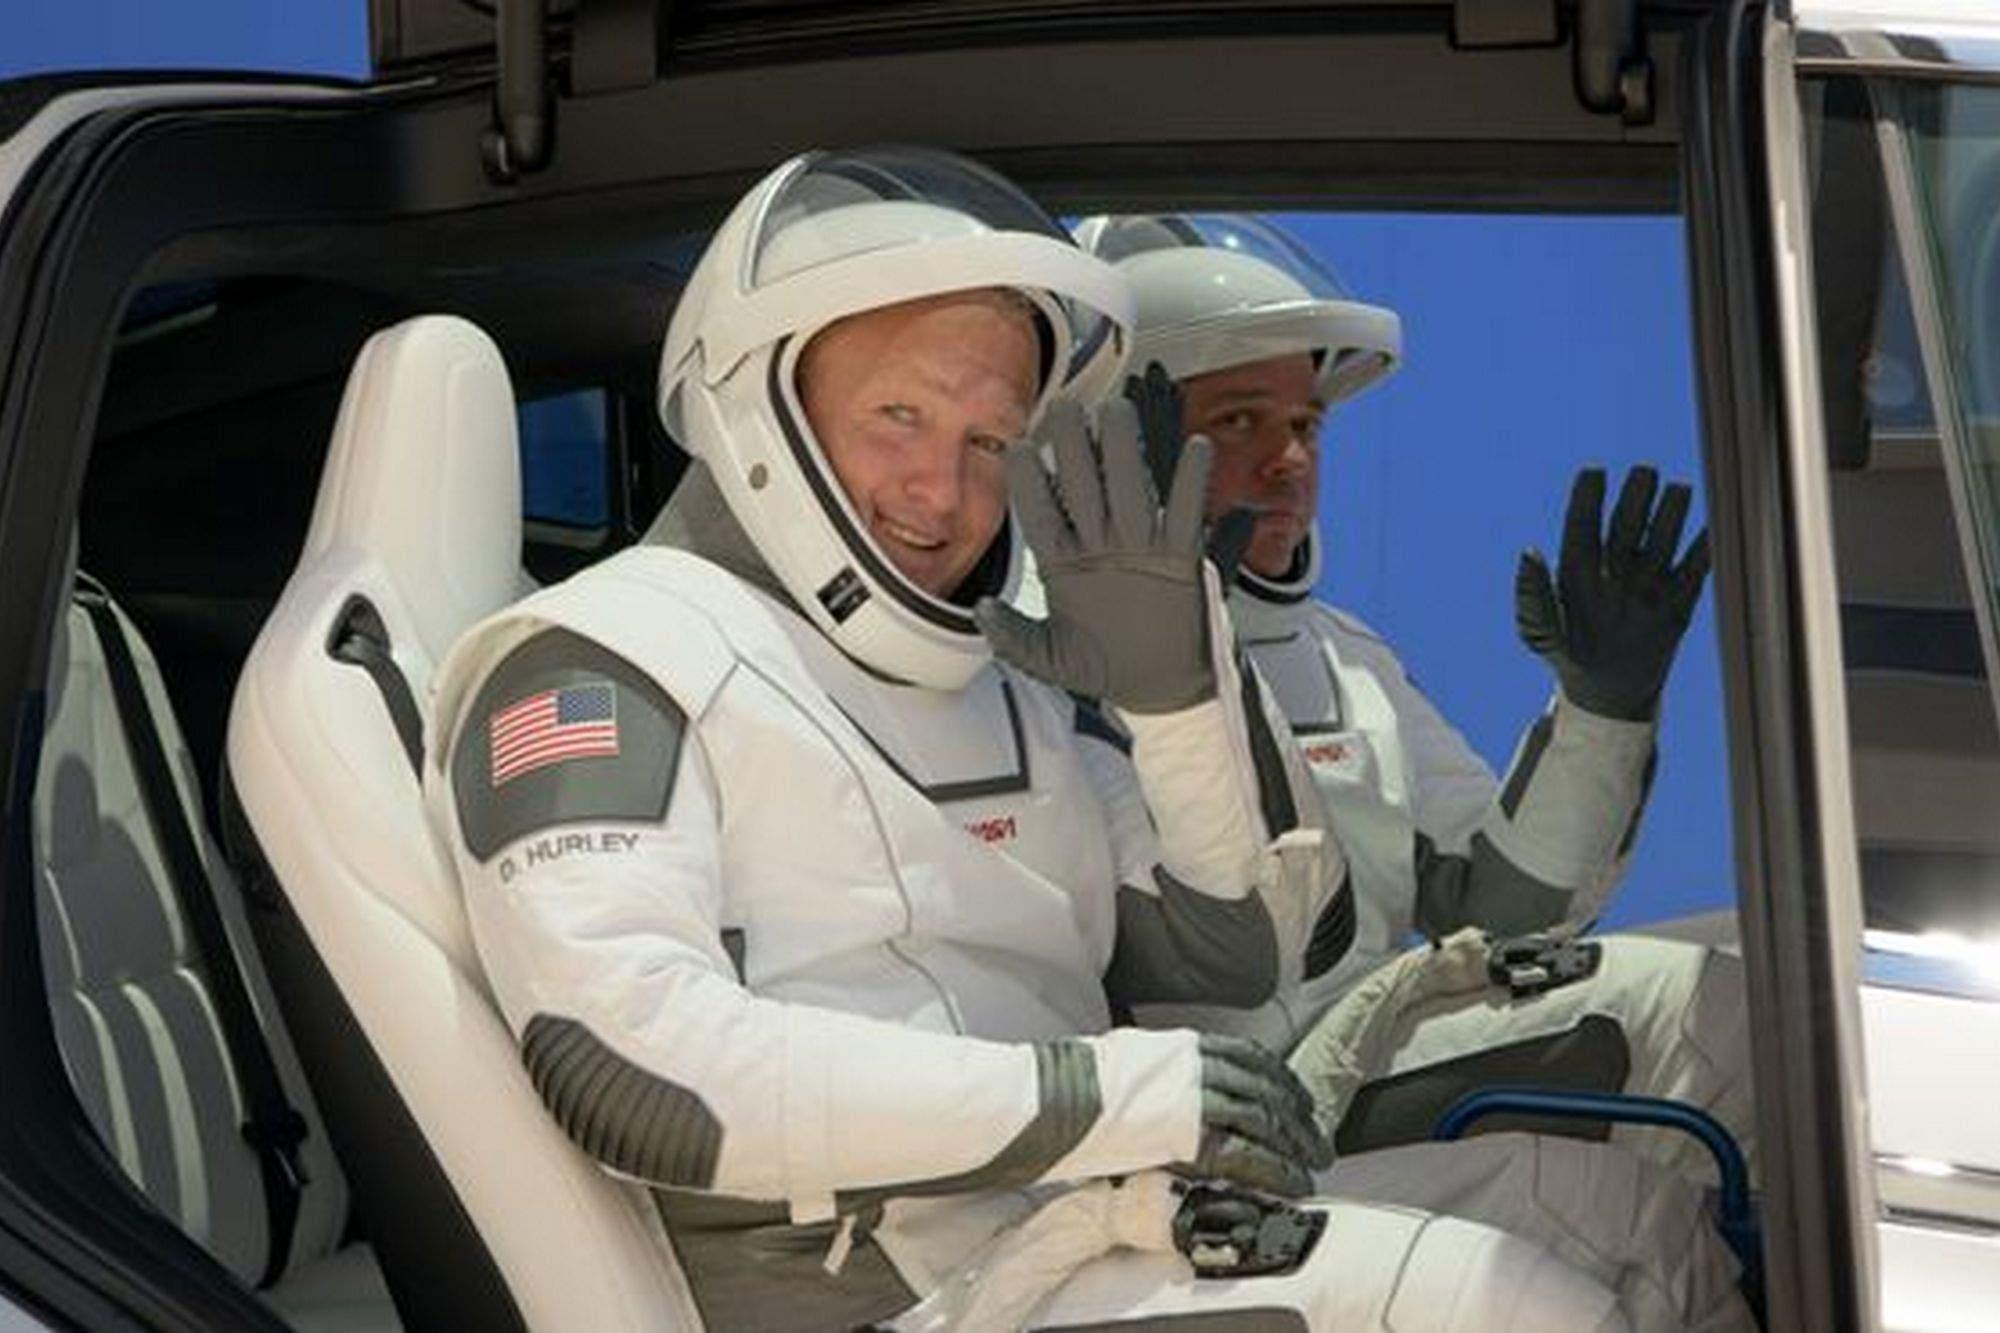 10 claves sobre la histórica misión de la NASA y SpaceX que inicia la era de los viajes comerciales al espacio